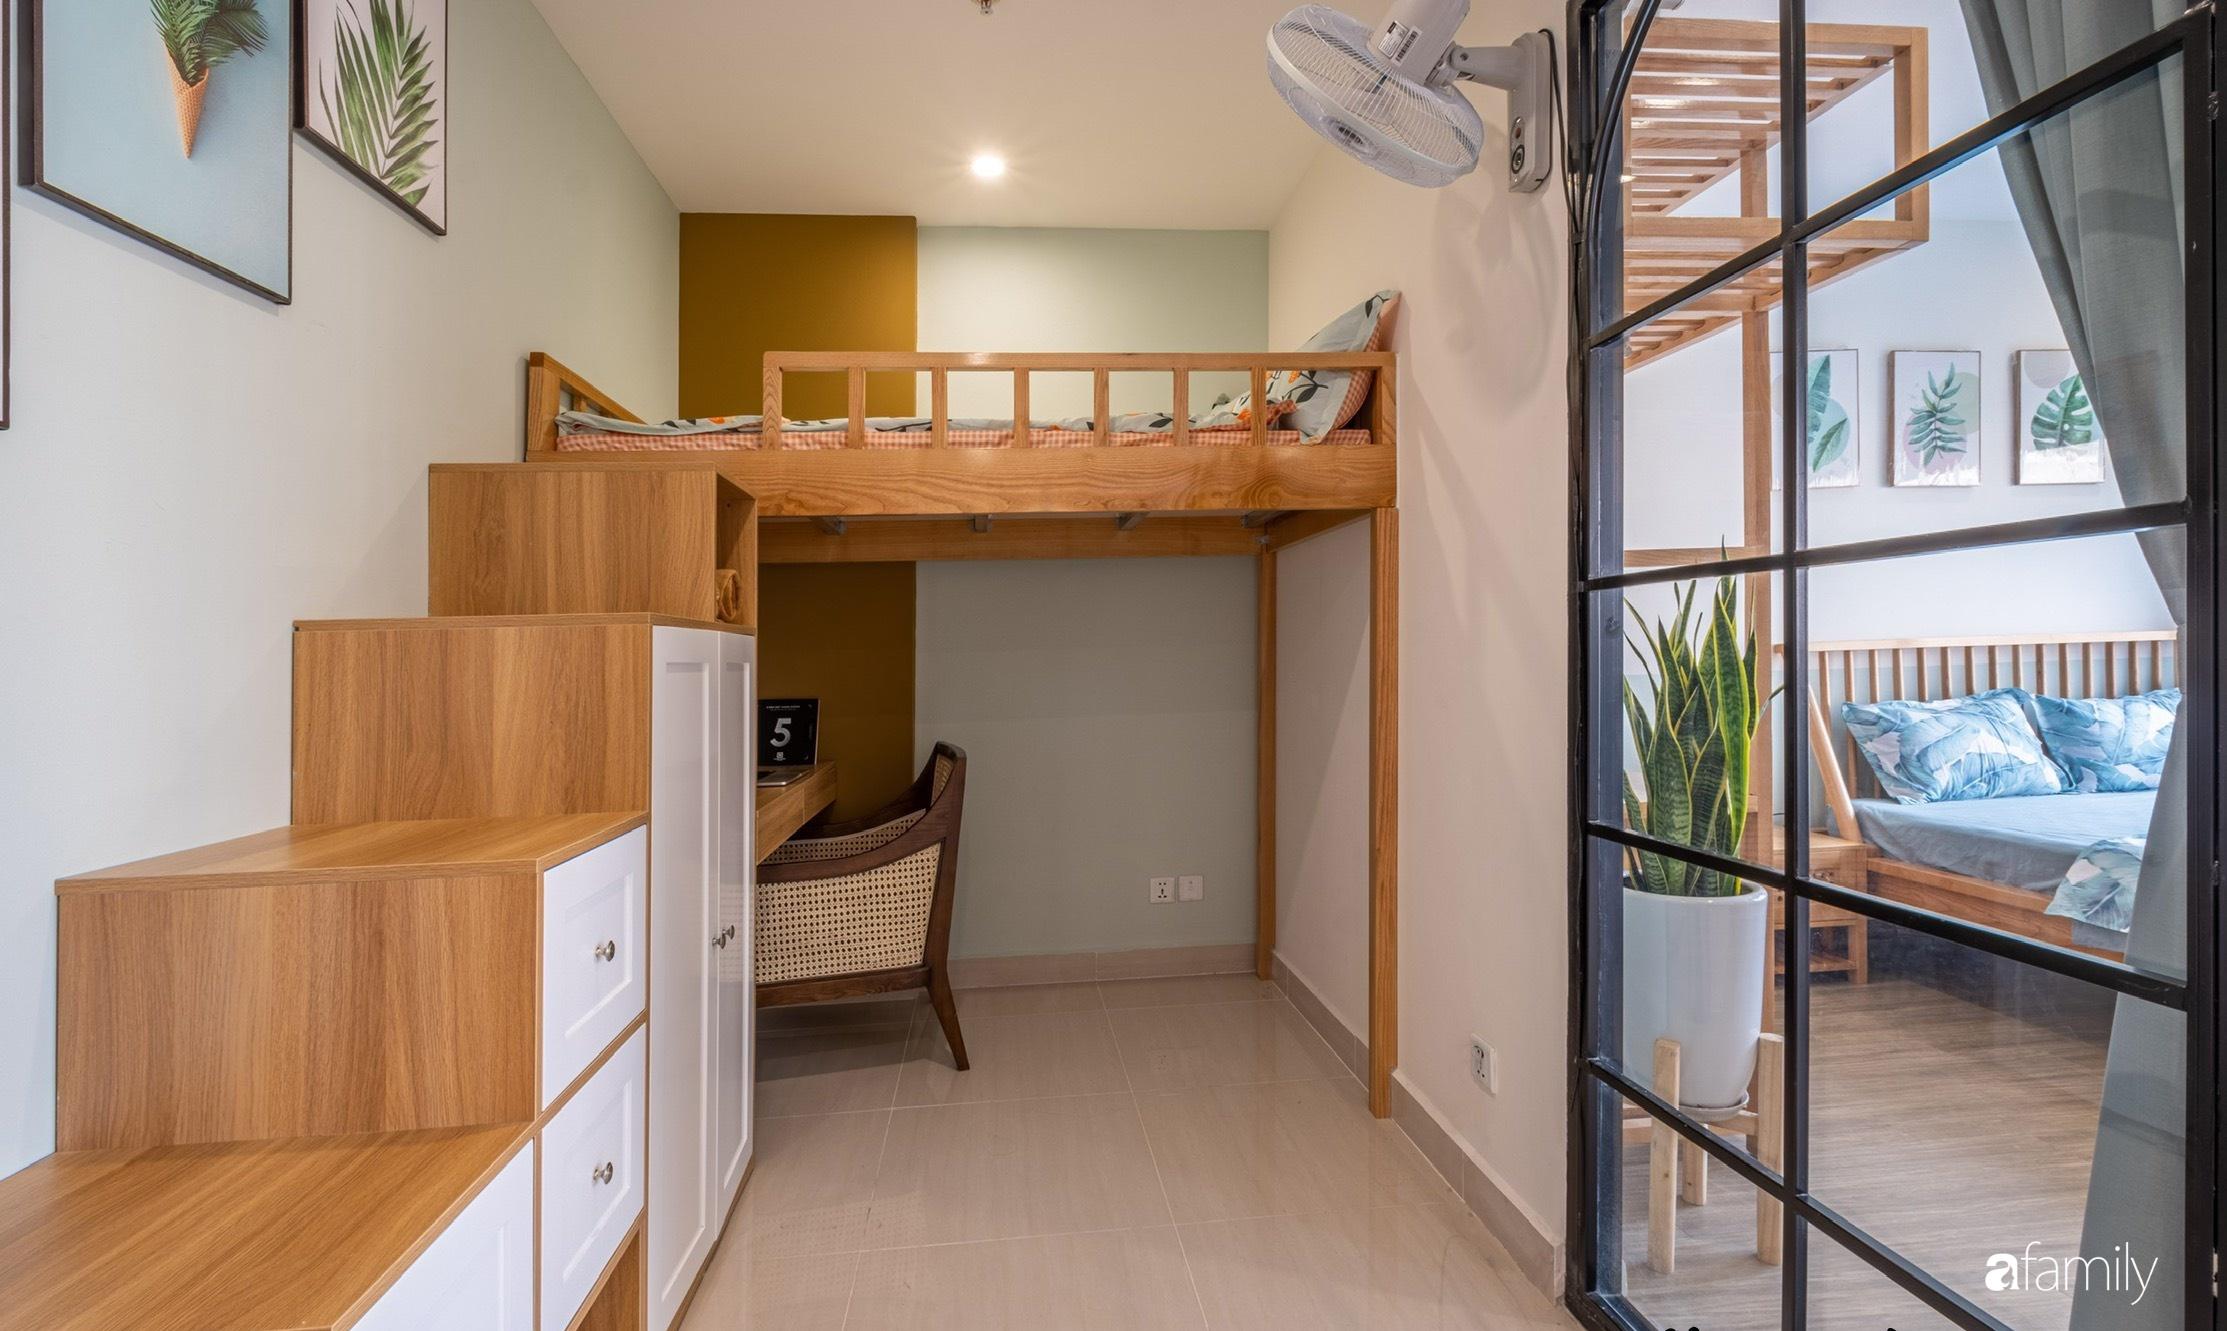 Căn hộ 40m² ở ngoại thành Hà Nội khiến ai ngắm nhìn cũng xuýt xoa vì đẹp có chi phí hoàn thiện 70 triệu đồng - Ảnh 10.